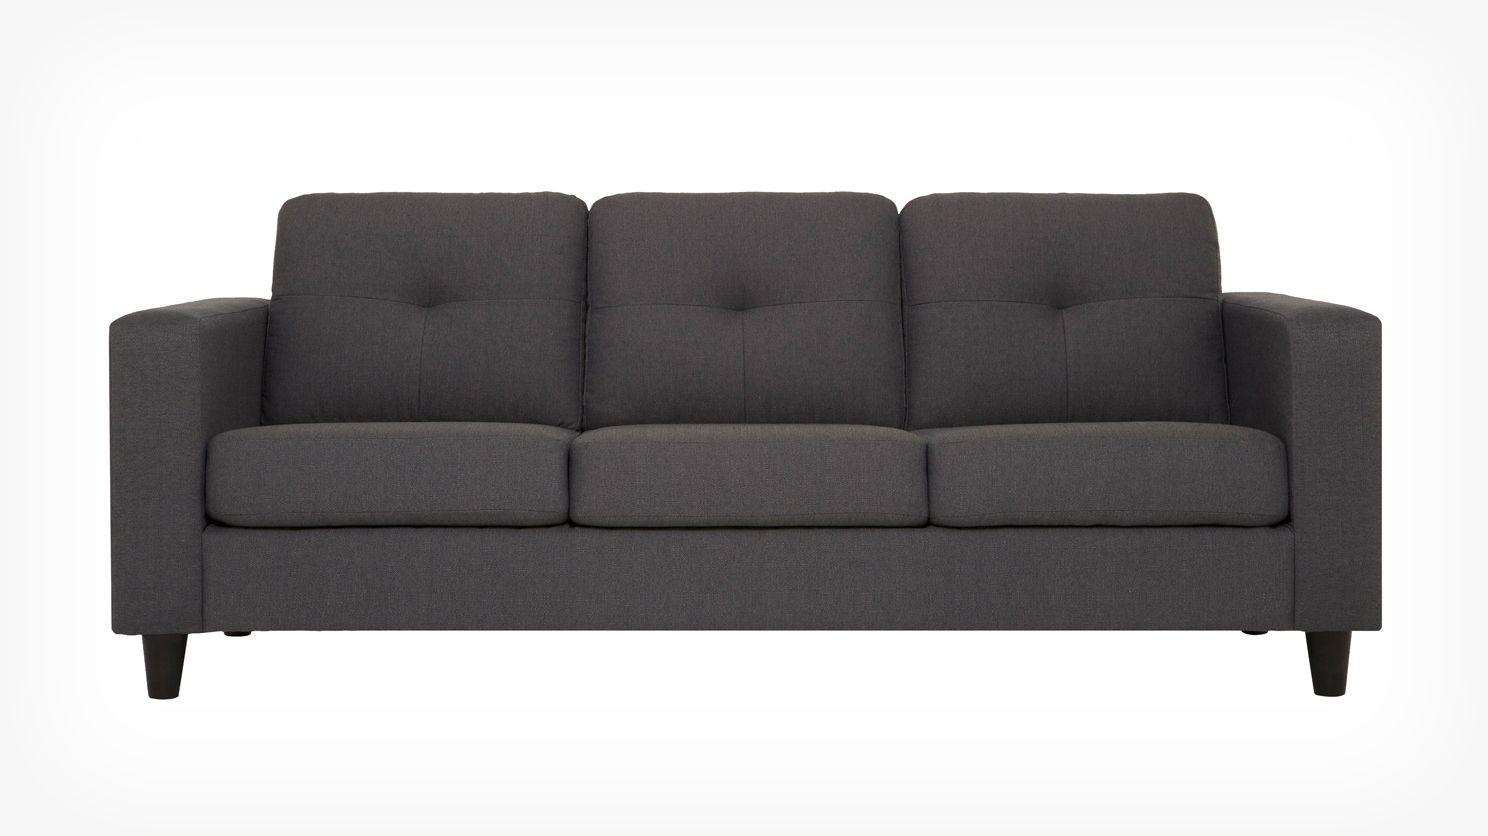 Solo Sofa Sofa Sofa Design Fabric Sofa